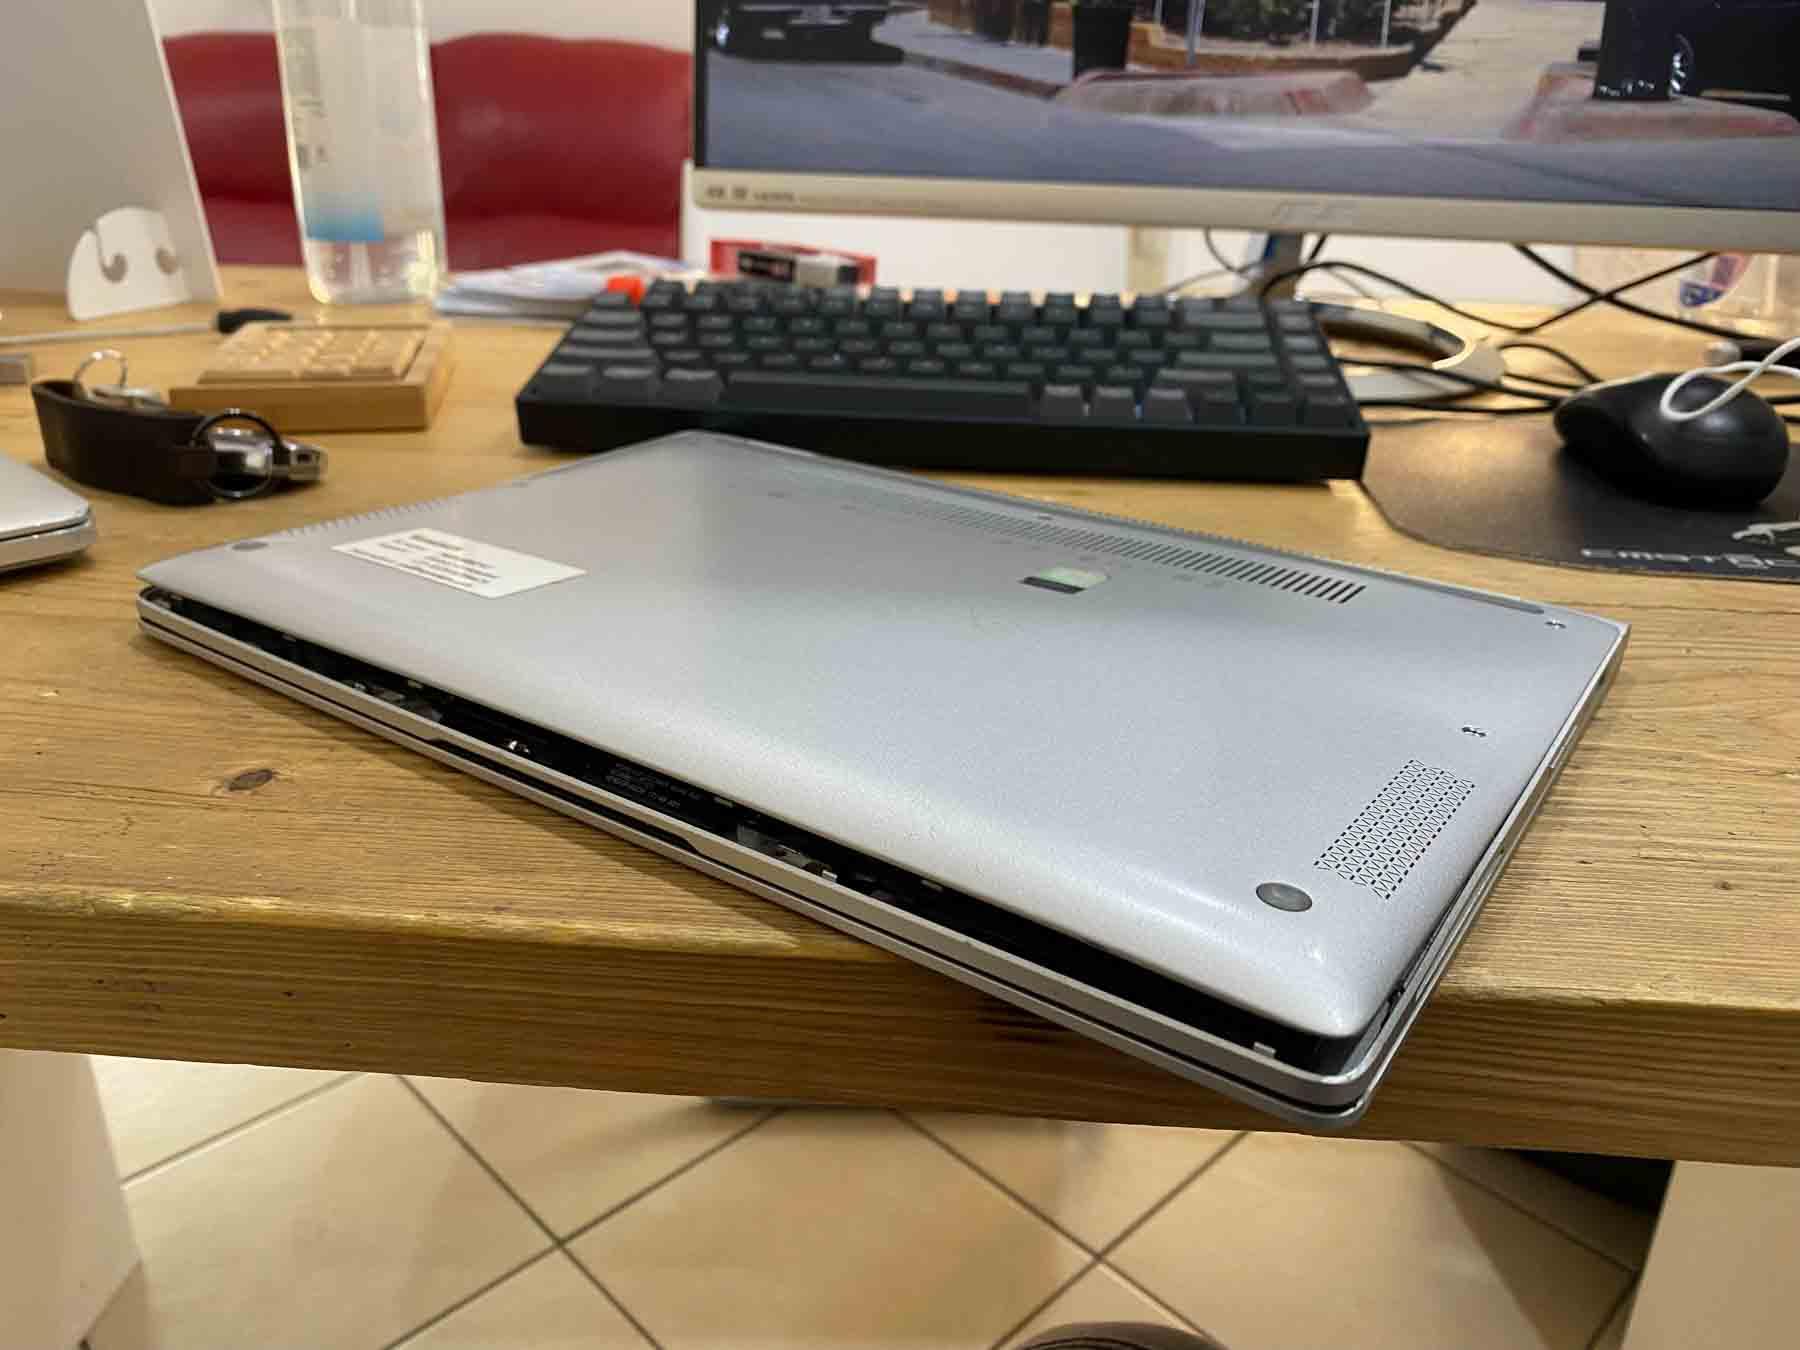 Sostituzione batteria rigonfia su pc portatile notebook